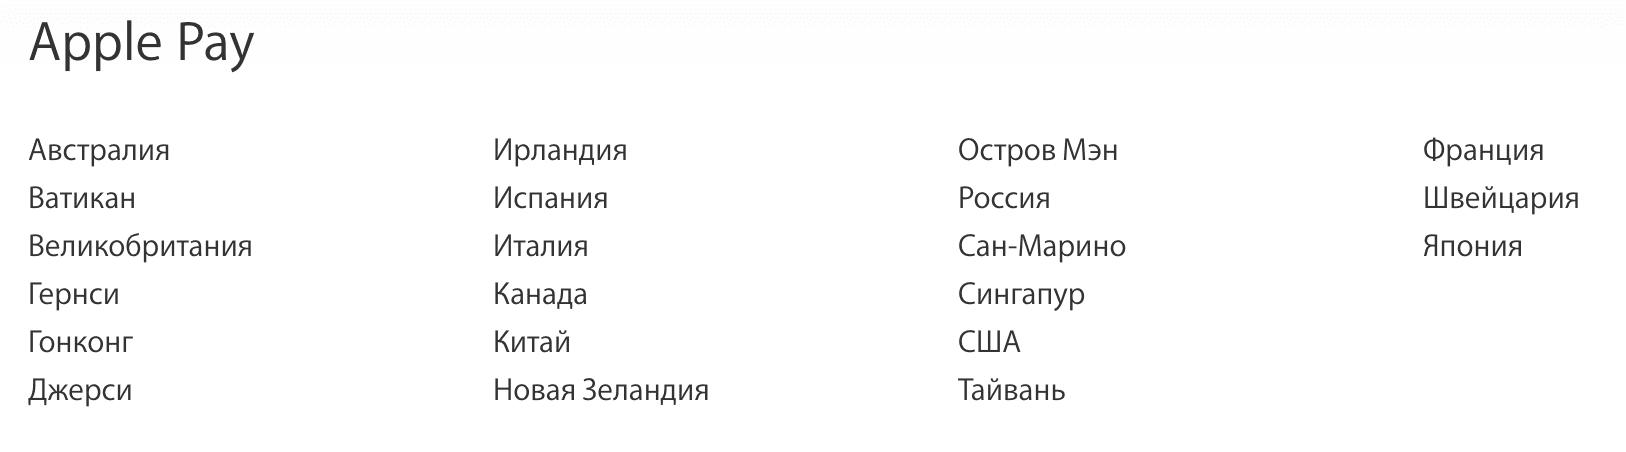 Список стран, где работает Apple Pay.5c5b18ea51571